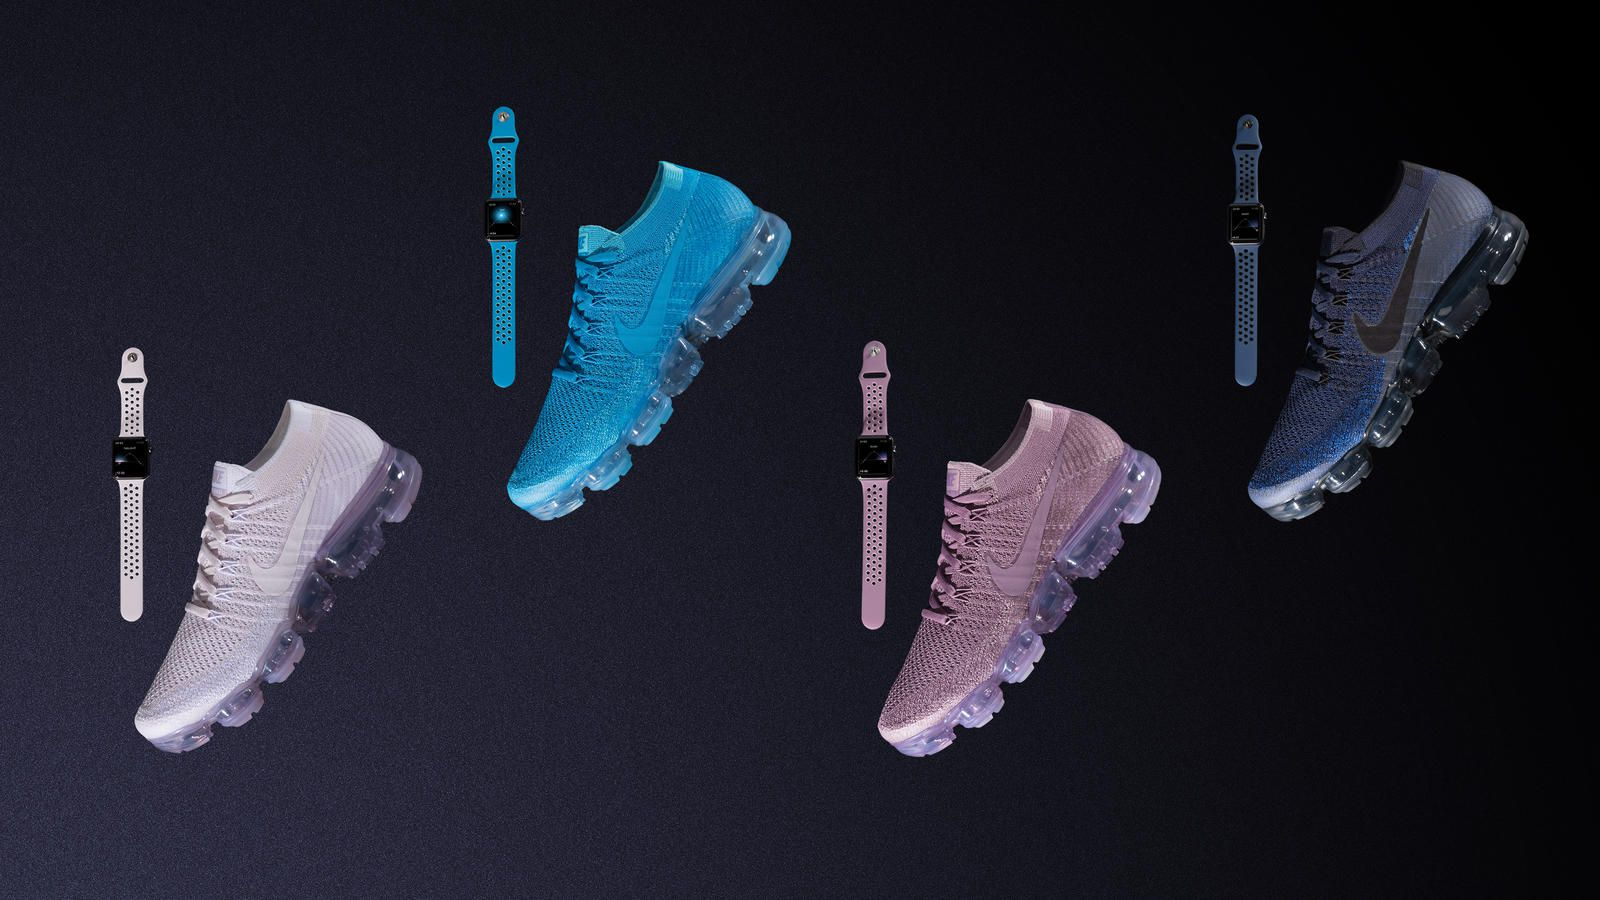 耐克推出多款Apple Watch表带 与其运动鞋相得益彰